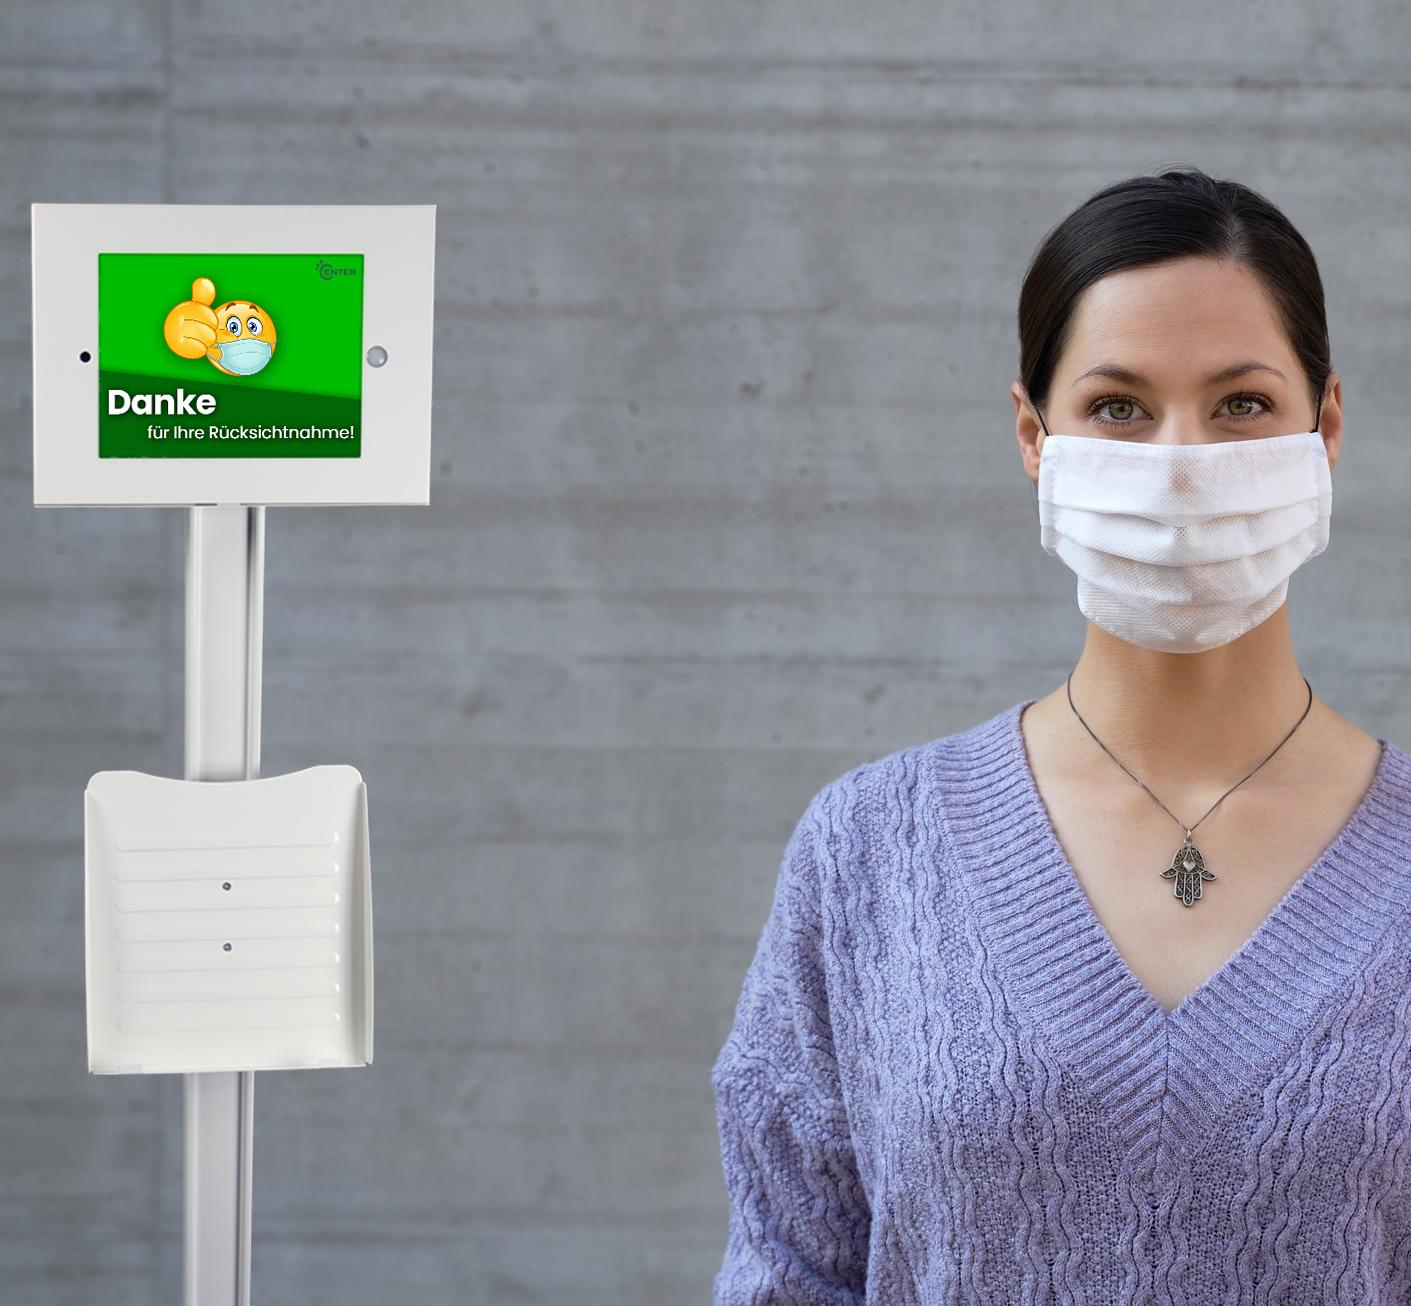 tipster 3 und Frau mit Maske